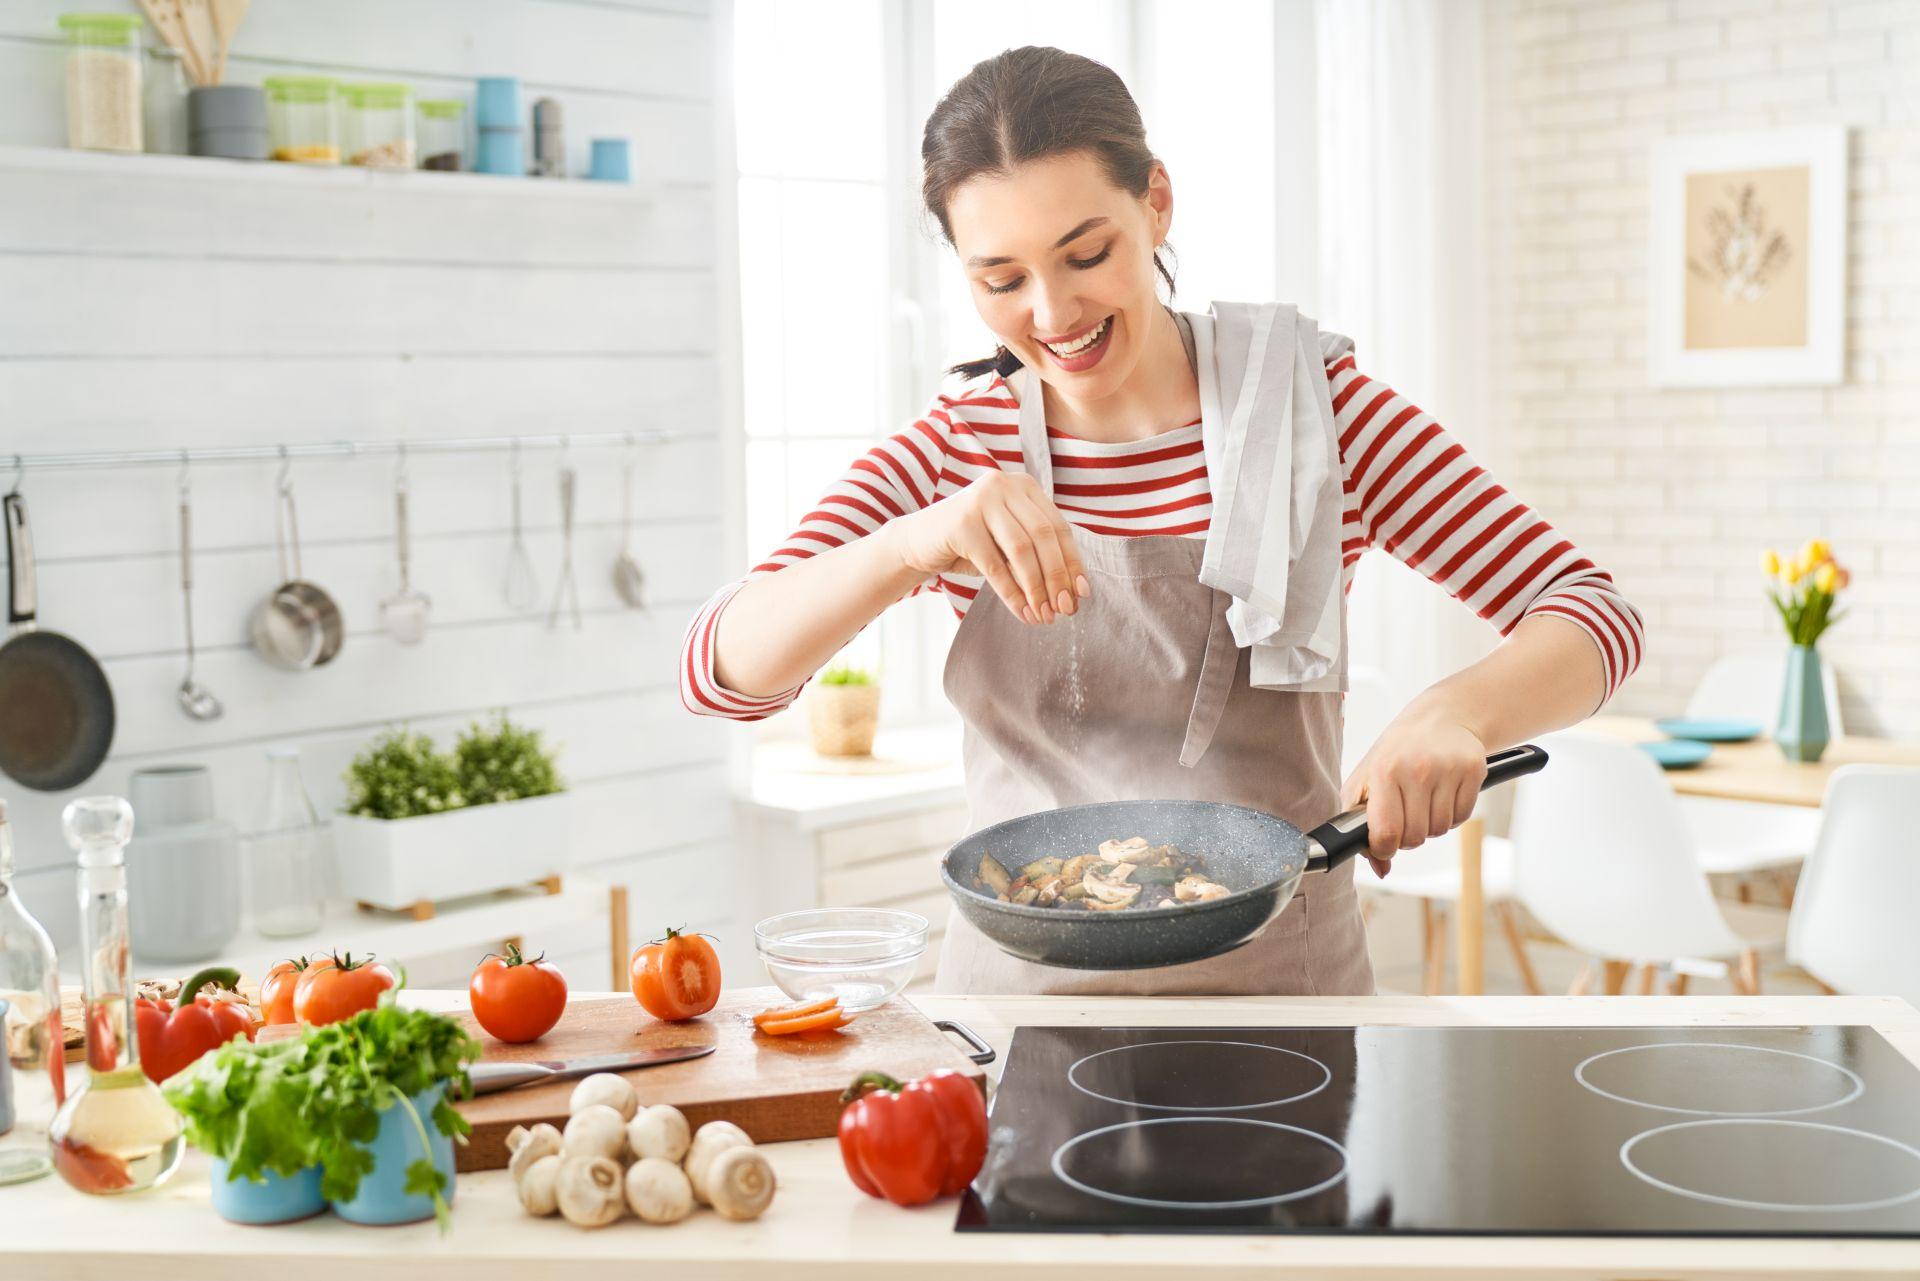 Jak powinna wyglądać dieta obniżająca cholesterol i jakie produkty obniżają cholesterol? Sprawdź moc steroli roślinnych, które są najlepiej przebadanym składnikiem skutecznie obniżającym poziom złego cholesterolu.